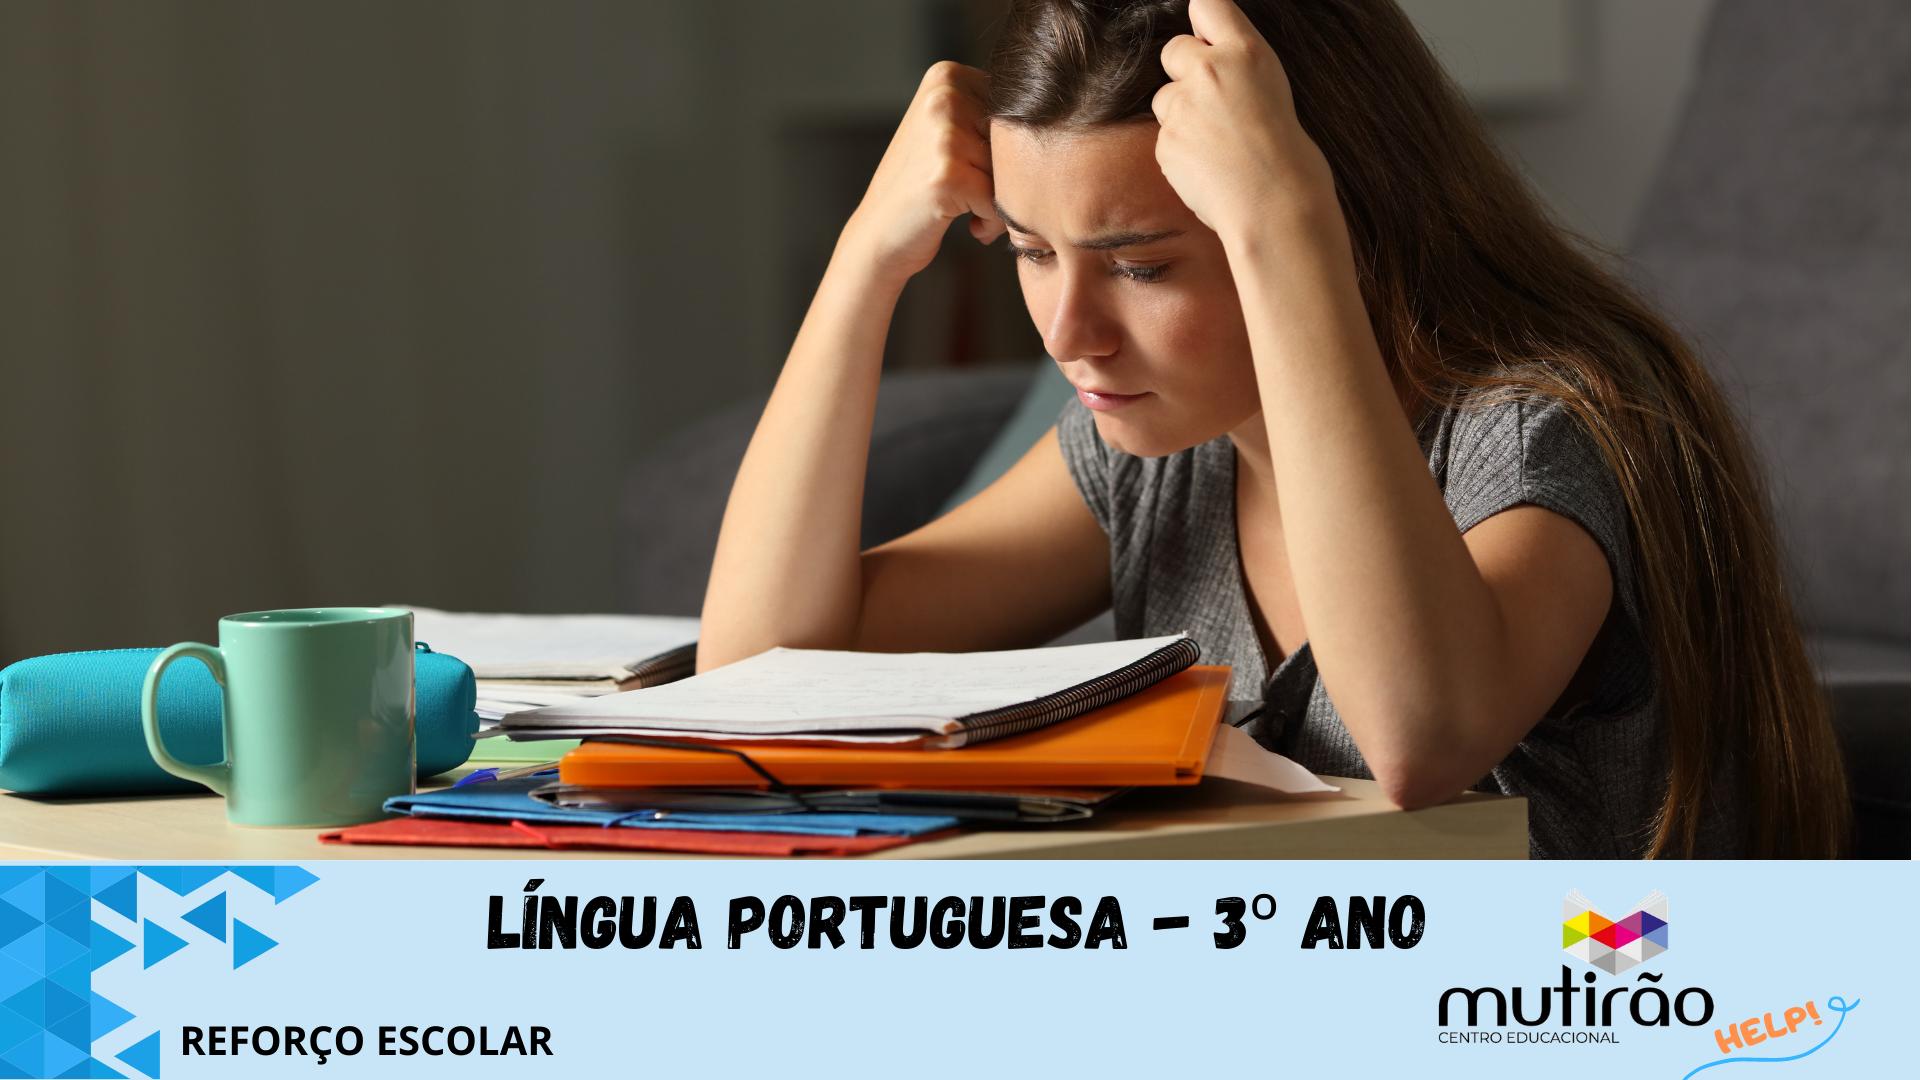 Mutirão Help ! Reforço Escolar 3º ano - LÍNGUA PORTUGUESA